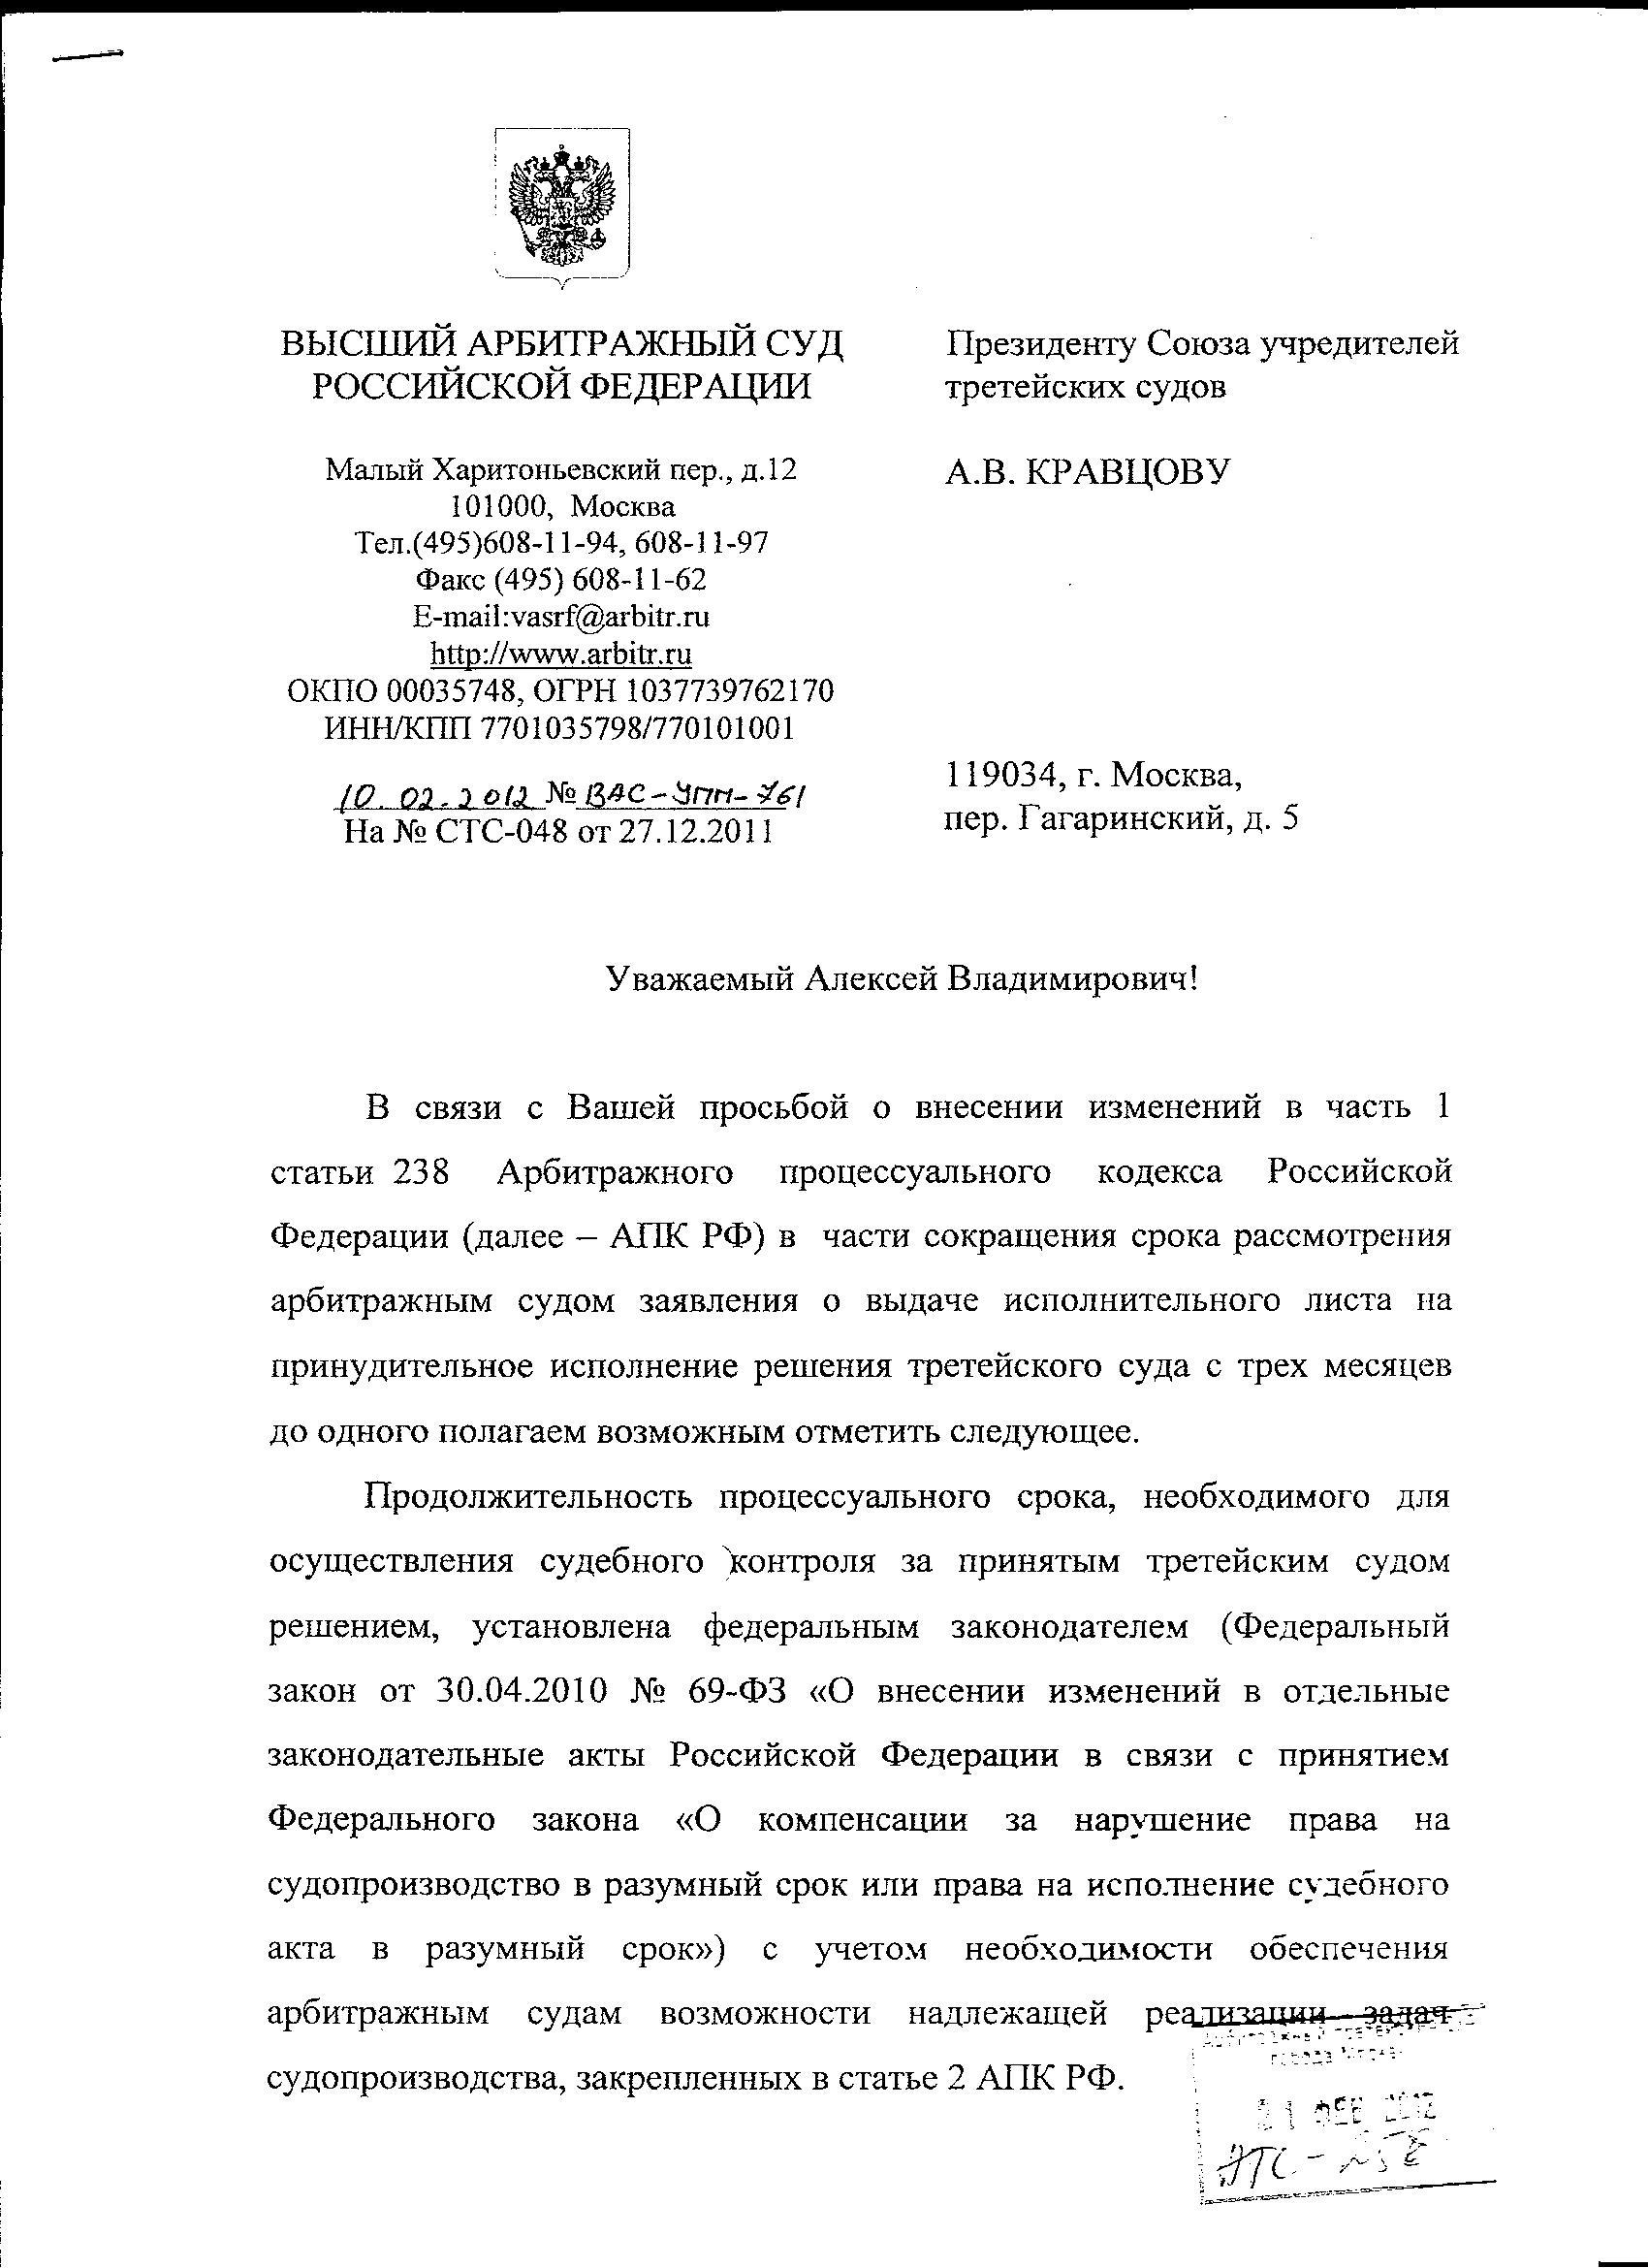 Купить в Москве Обручевский больничный лист нового образца